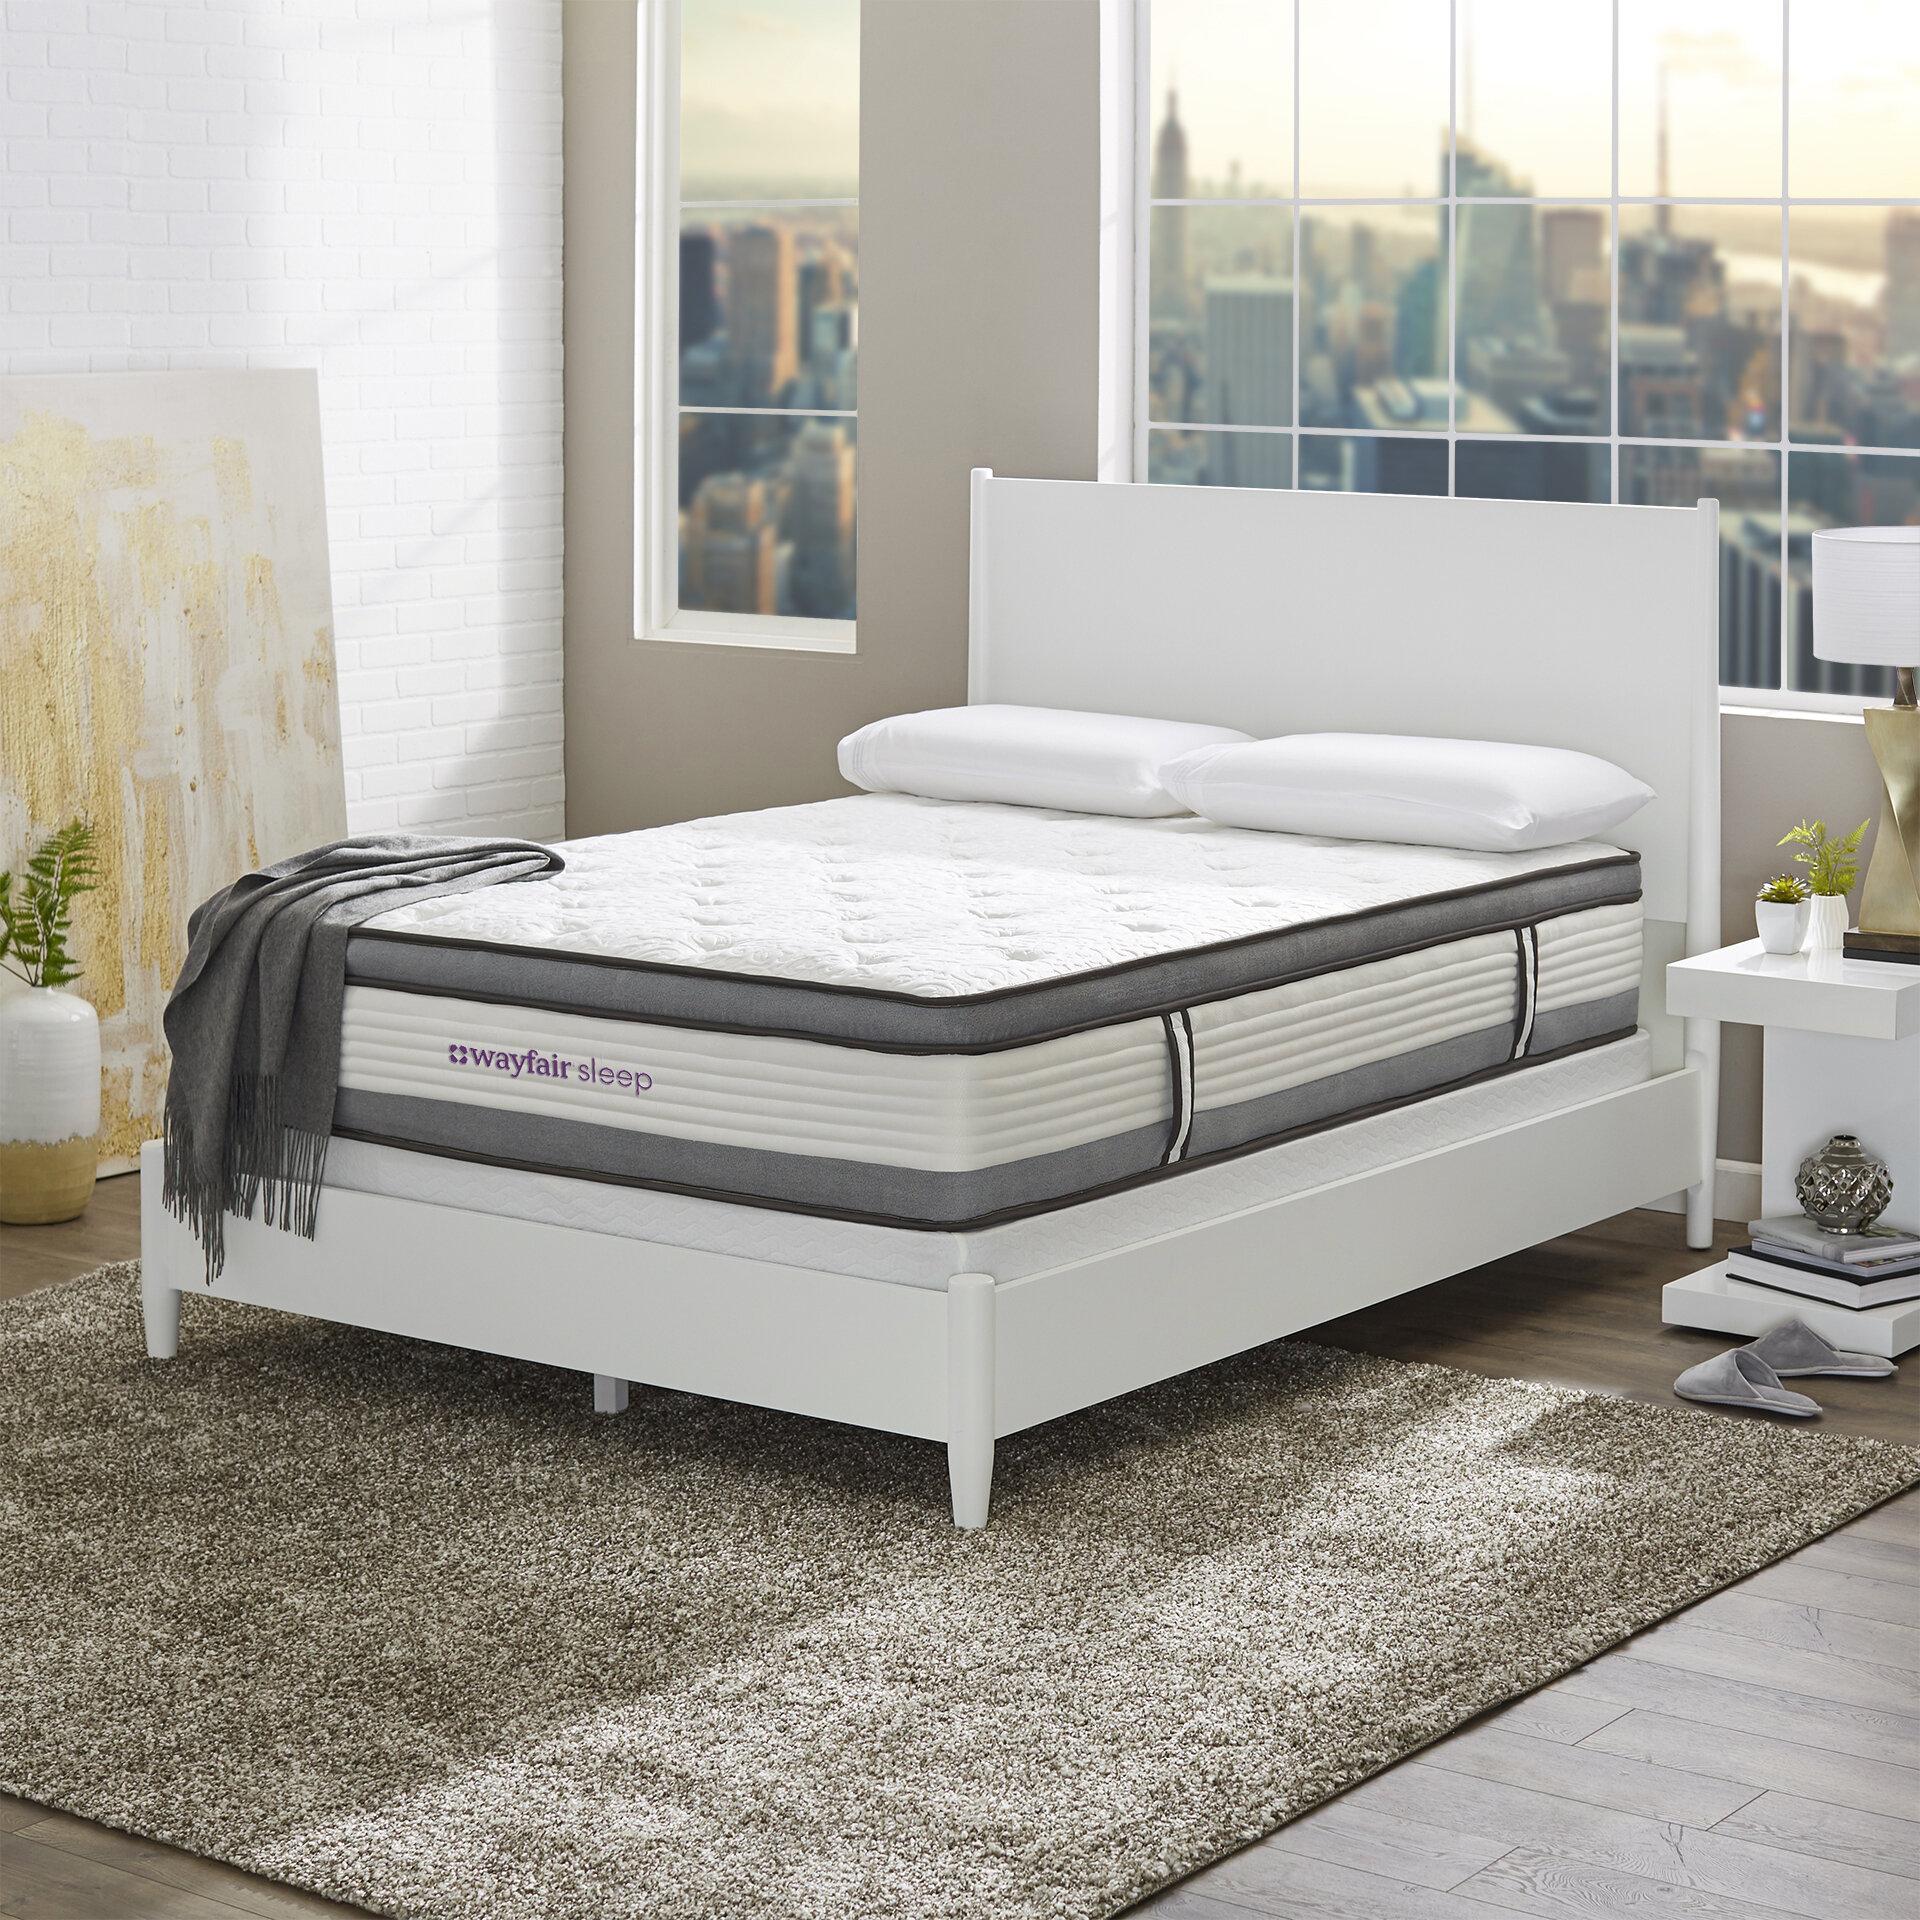 wayfair sleepa wayfair sleep 12 firm hybrid mattress reviews